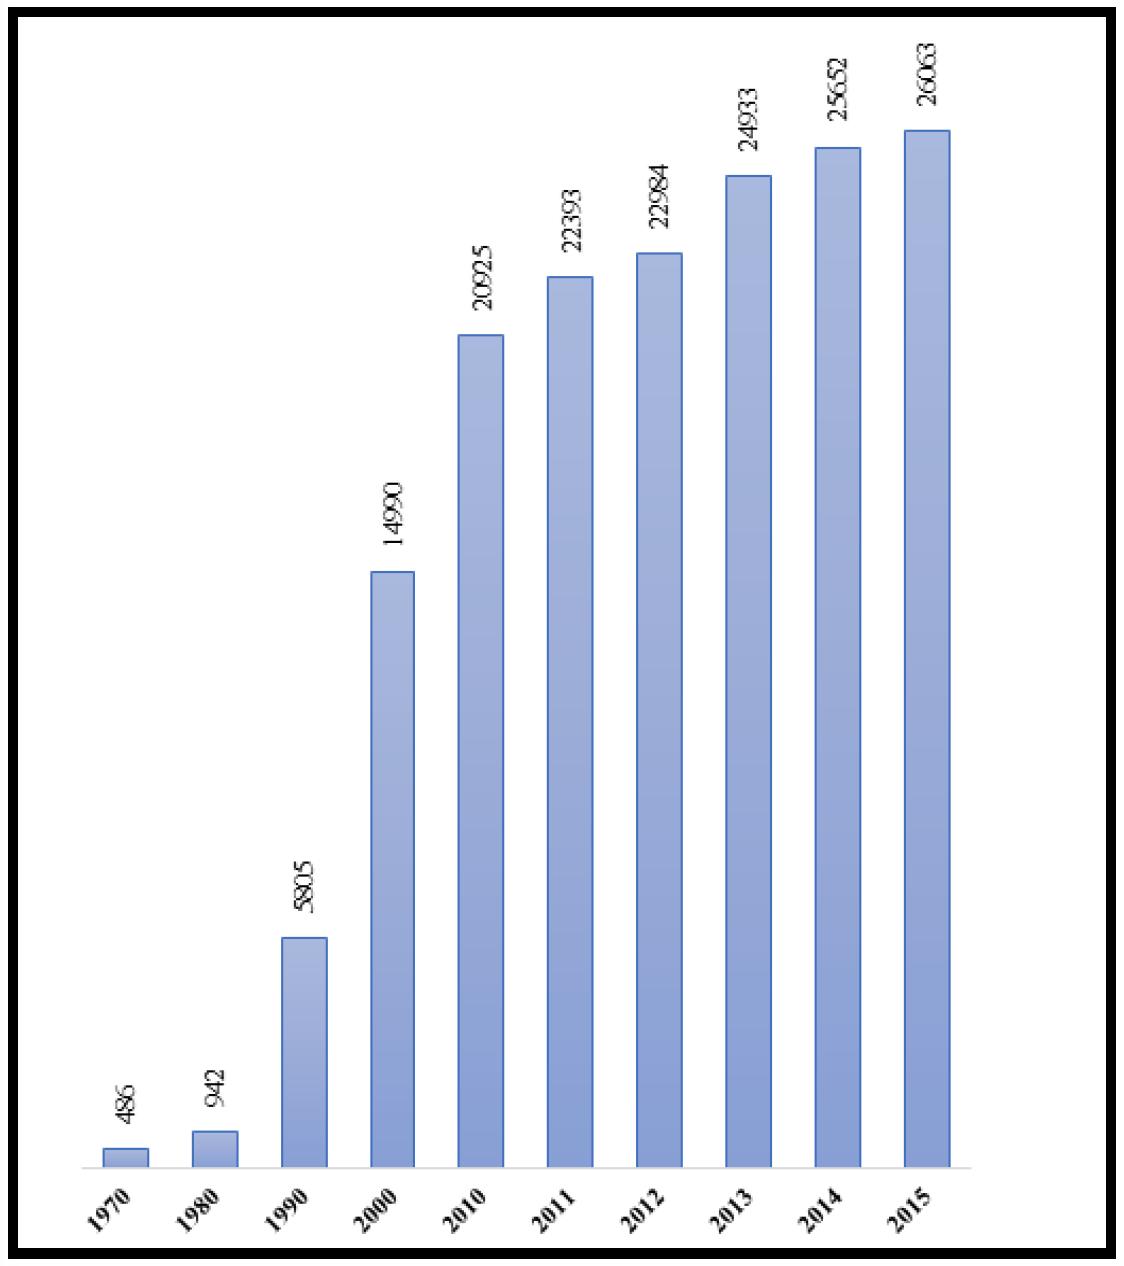 Hispanic or Latino Origin Population in East Boston, 1970- 2015 (US Census Bureau).